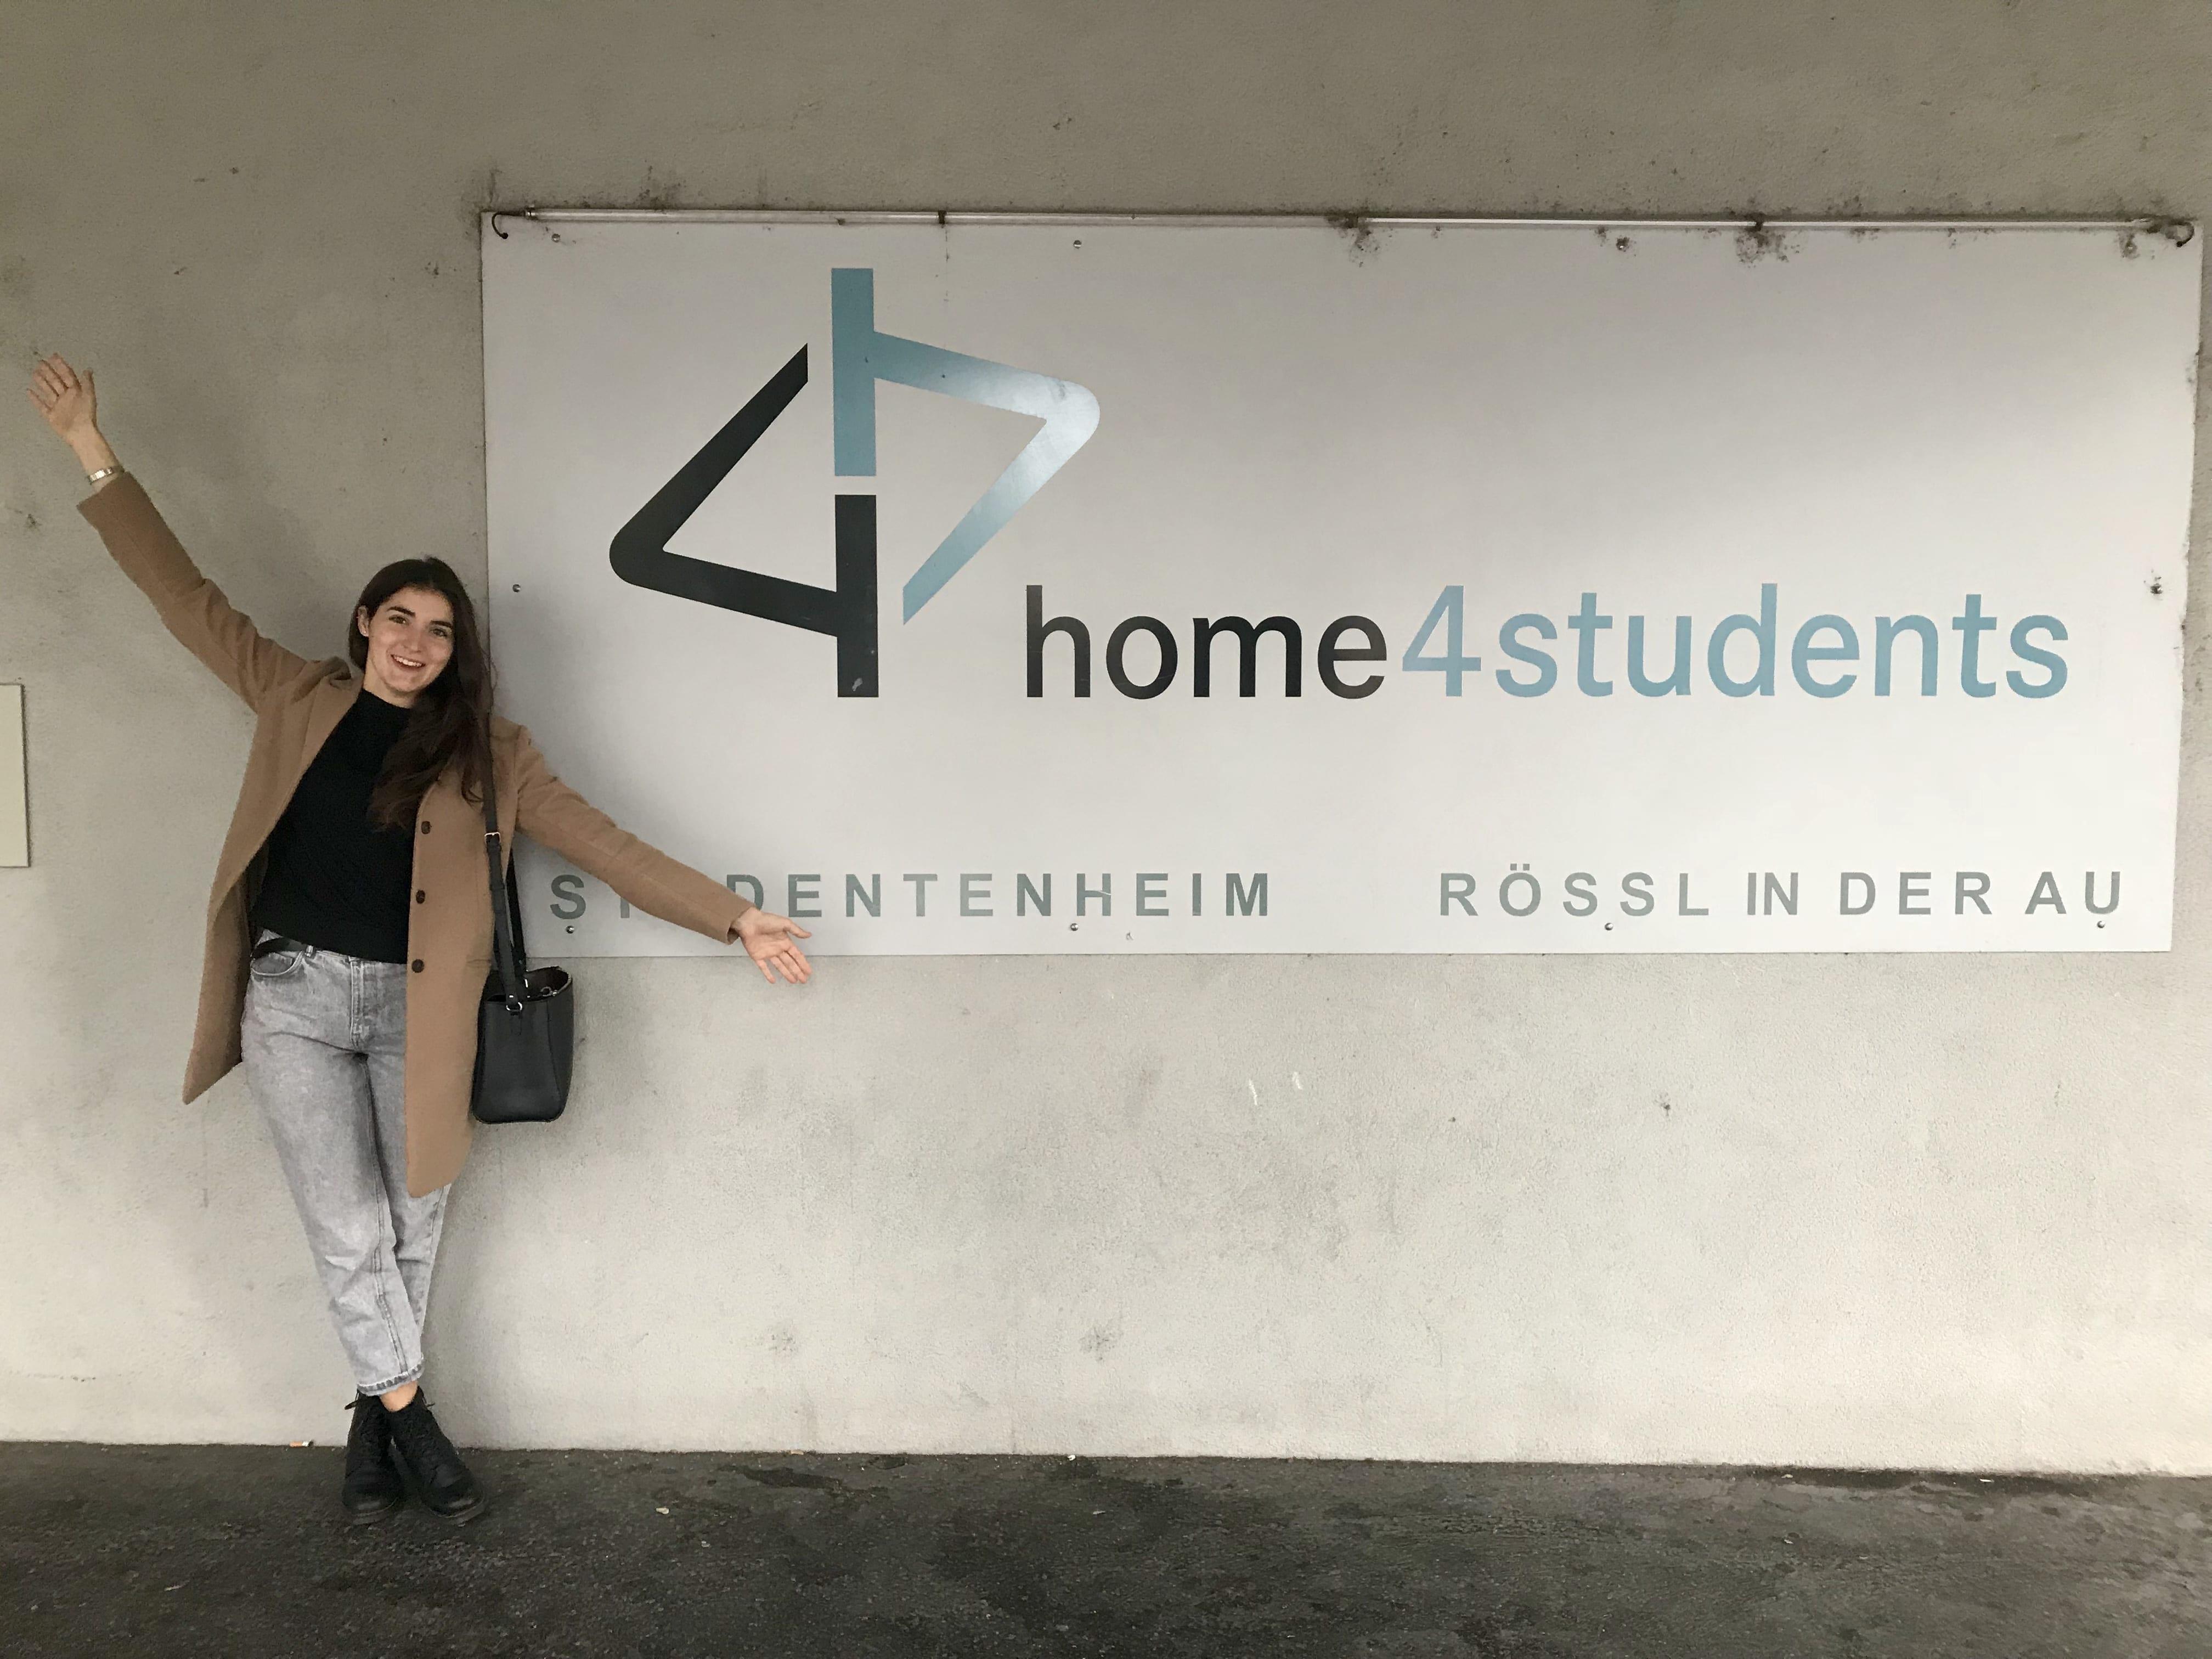 Ambassadorin Sara vor dem home4students Eingangs-Schild